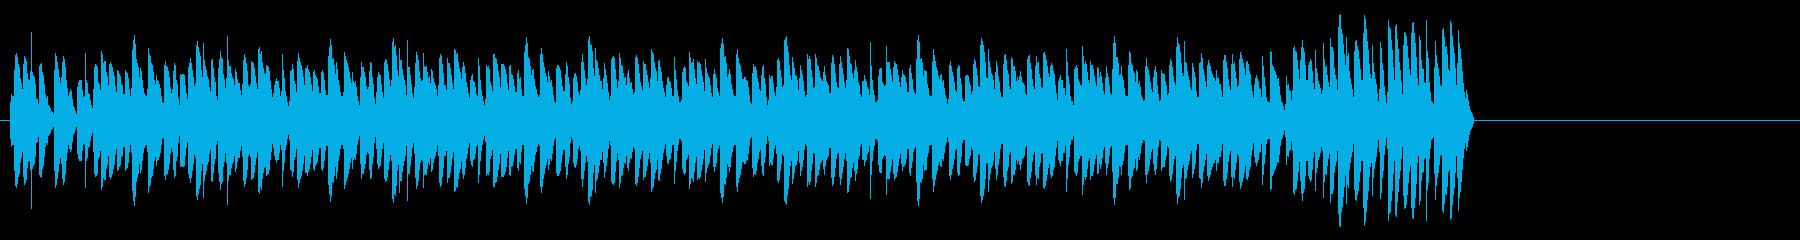 目覚まし時計-ベル1ロングシグナルの再生済みの波形